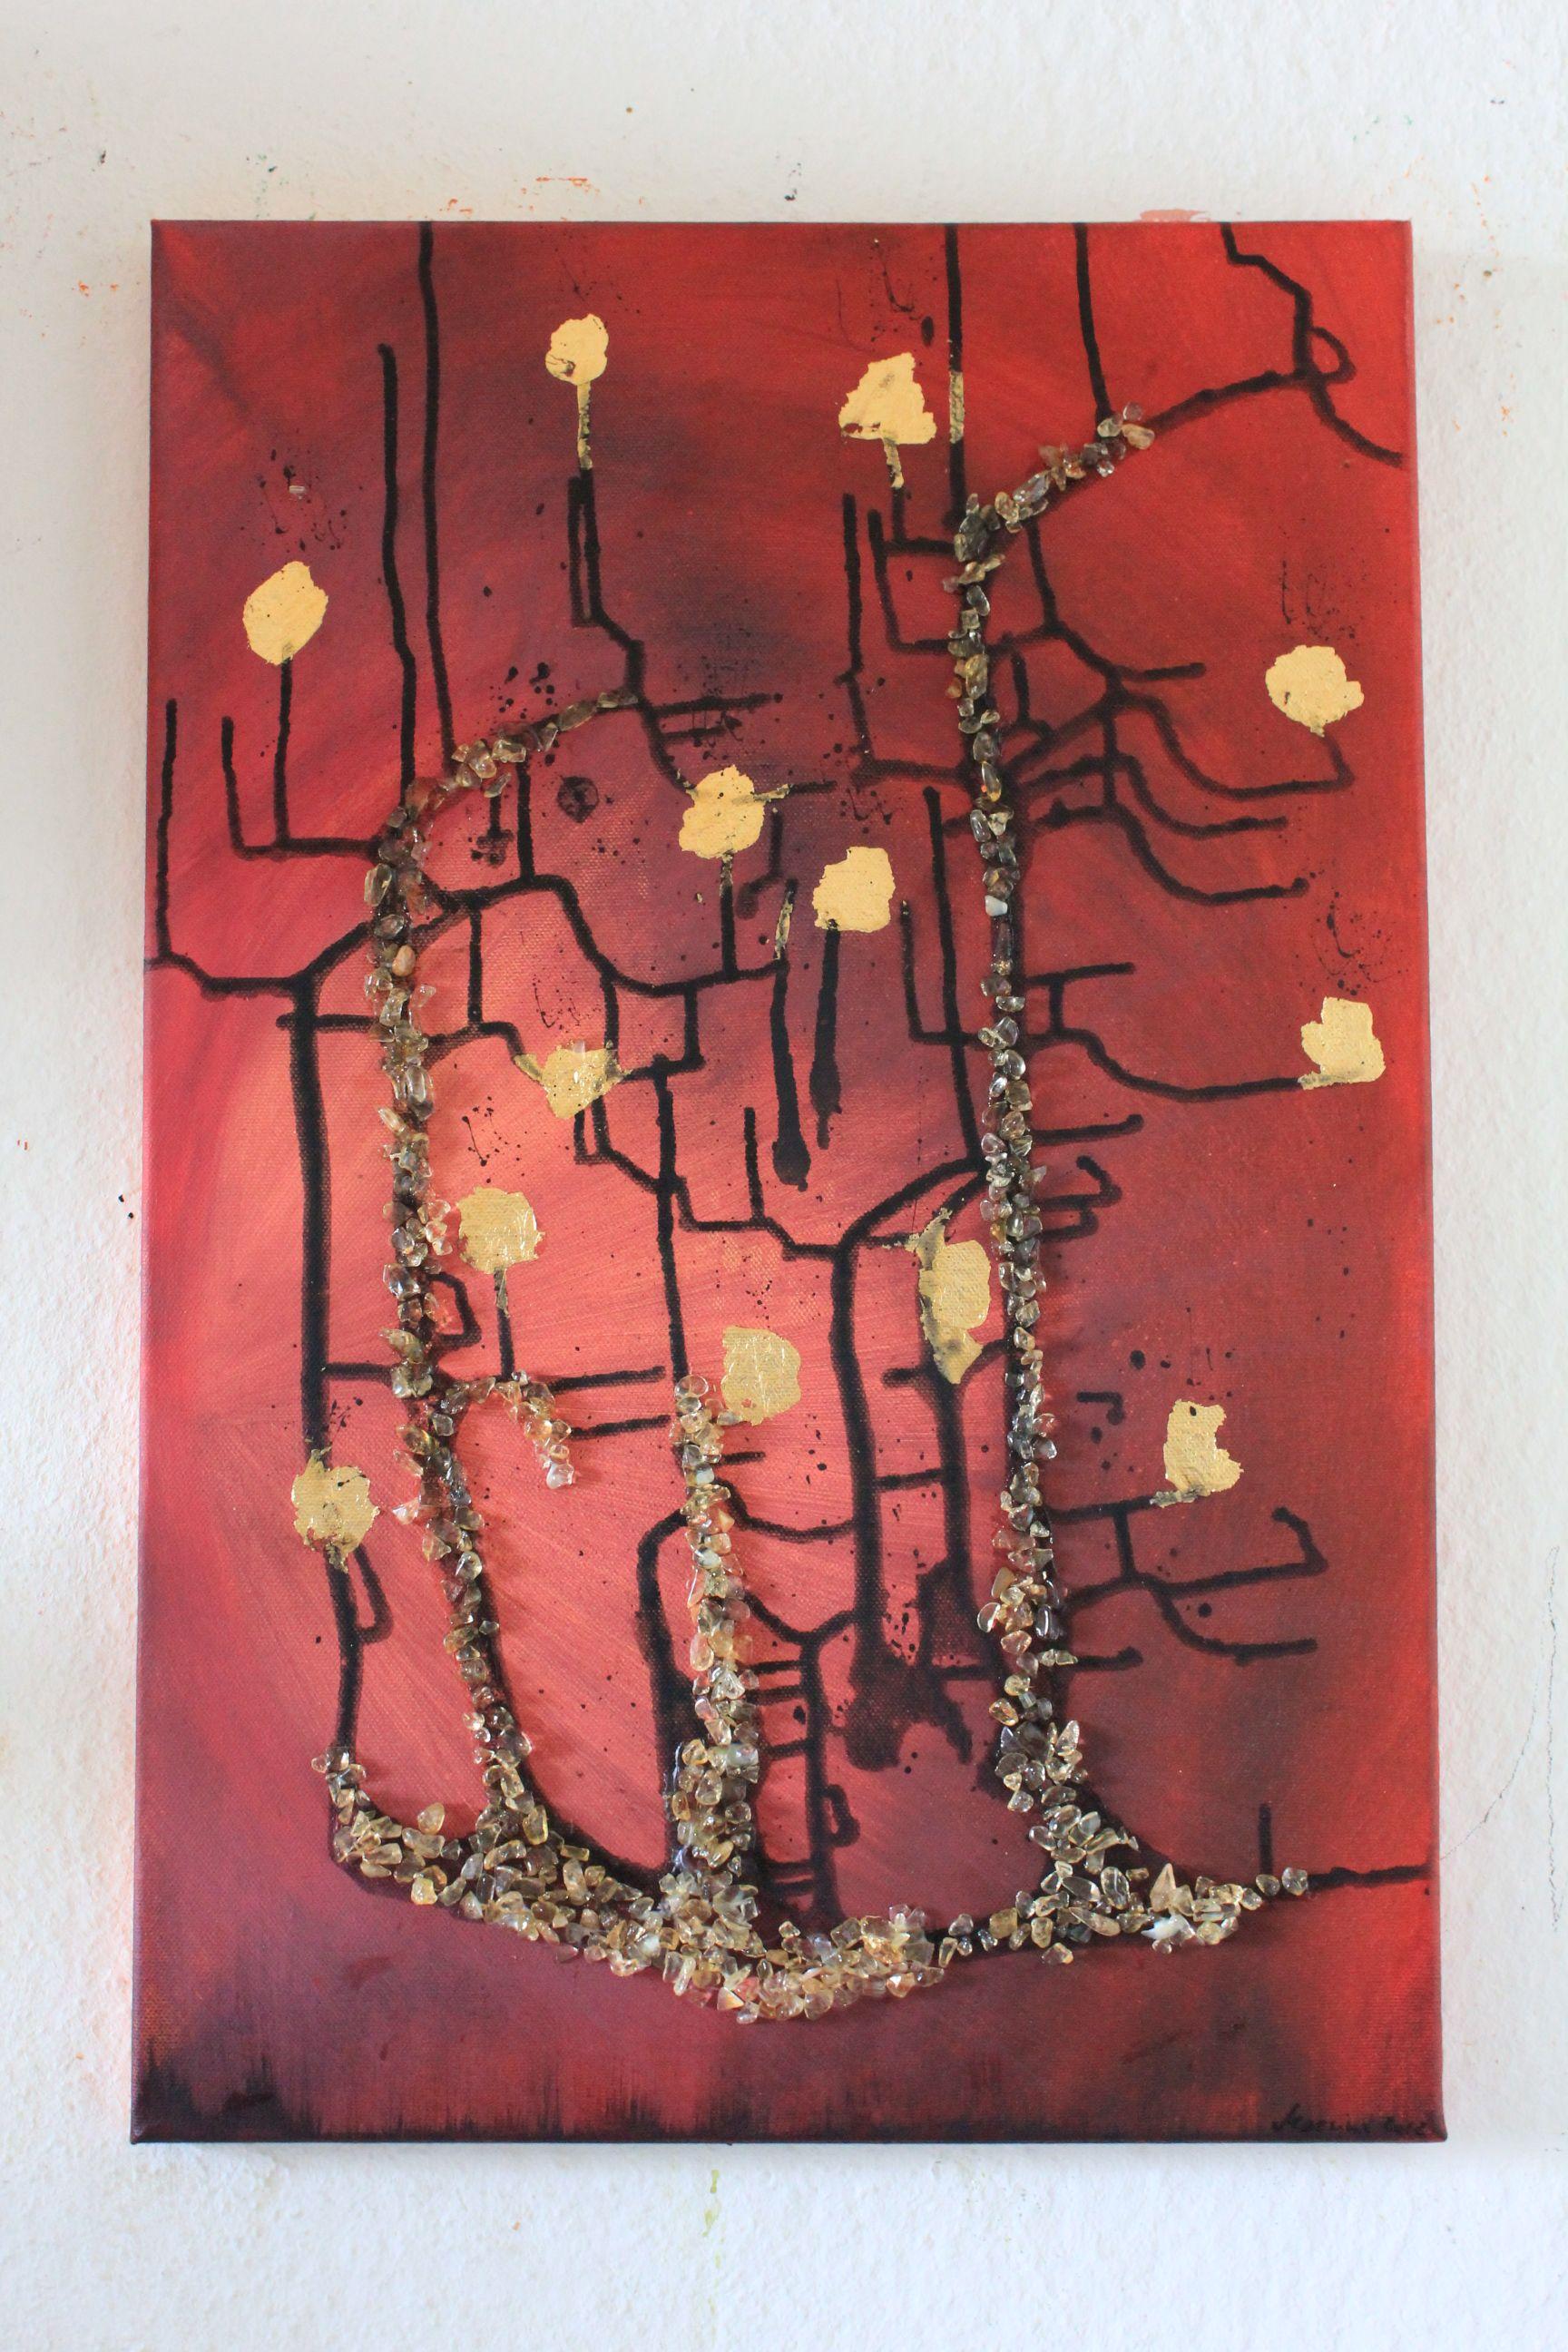 Goldregen mit Blattgold Acrylbilder, Collage, Blattgold